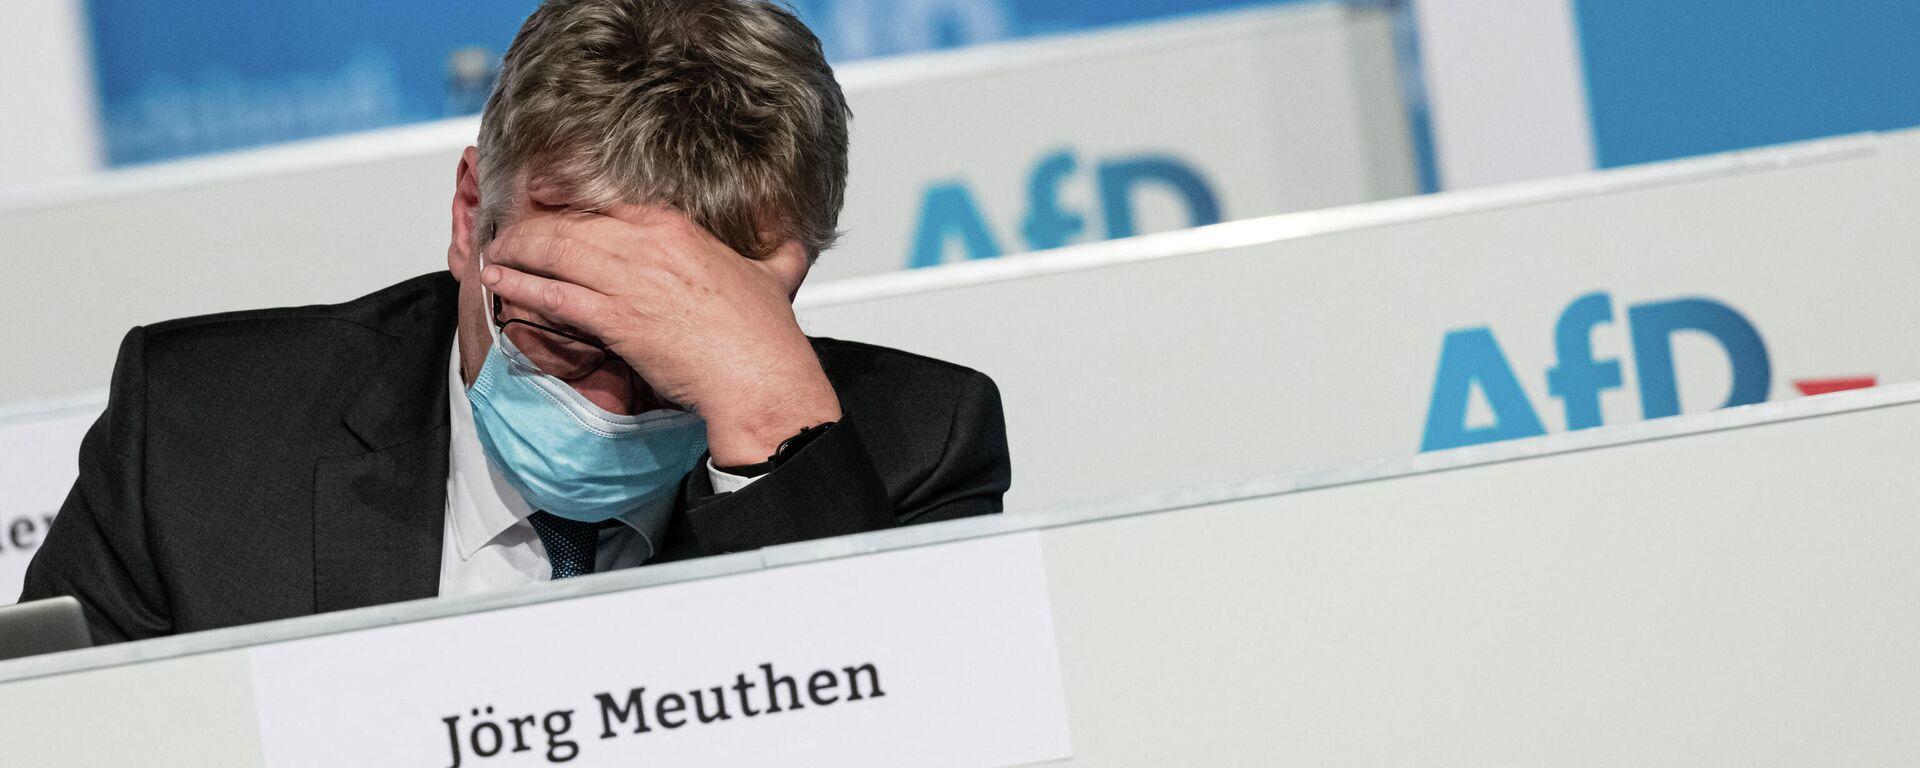 Jörg Meuthen nimmt am Parteitag der AfD in Dresden am 11. April 2021 teil. - SNA, 1920, 24.06.2021